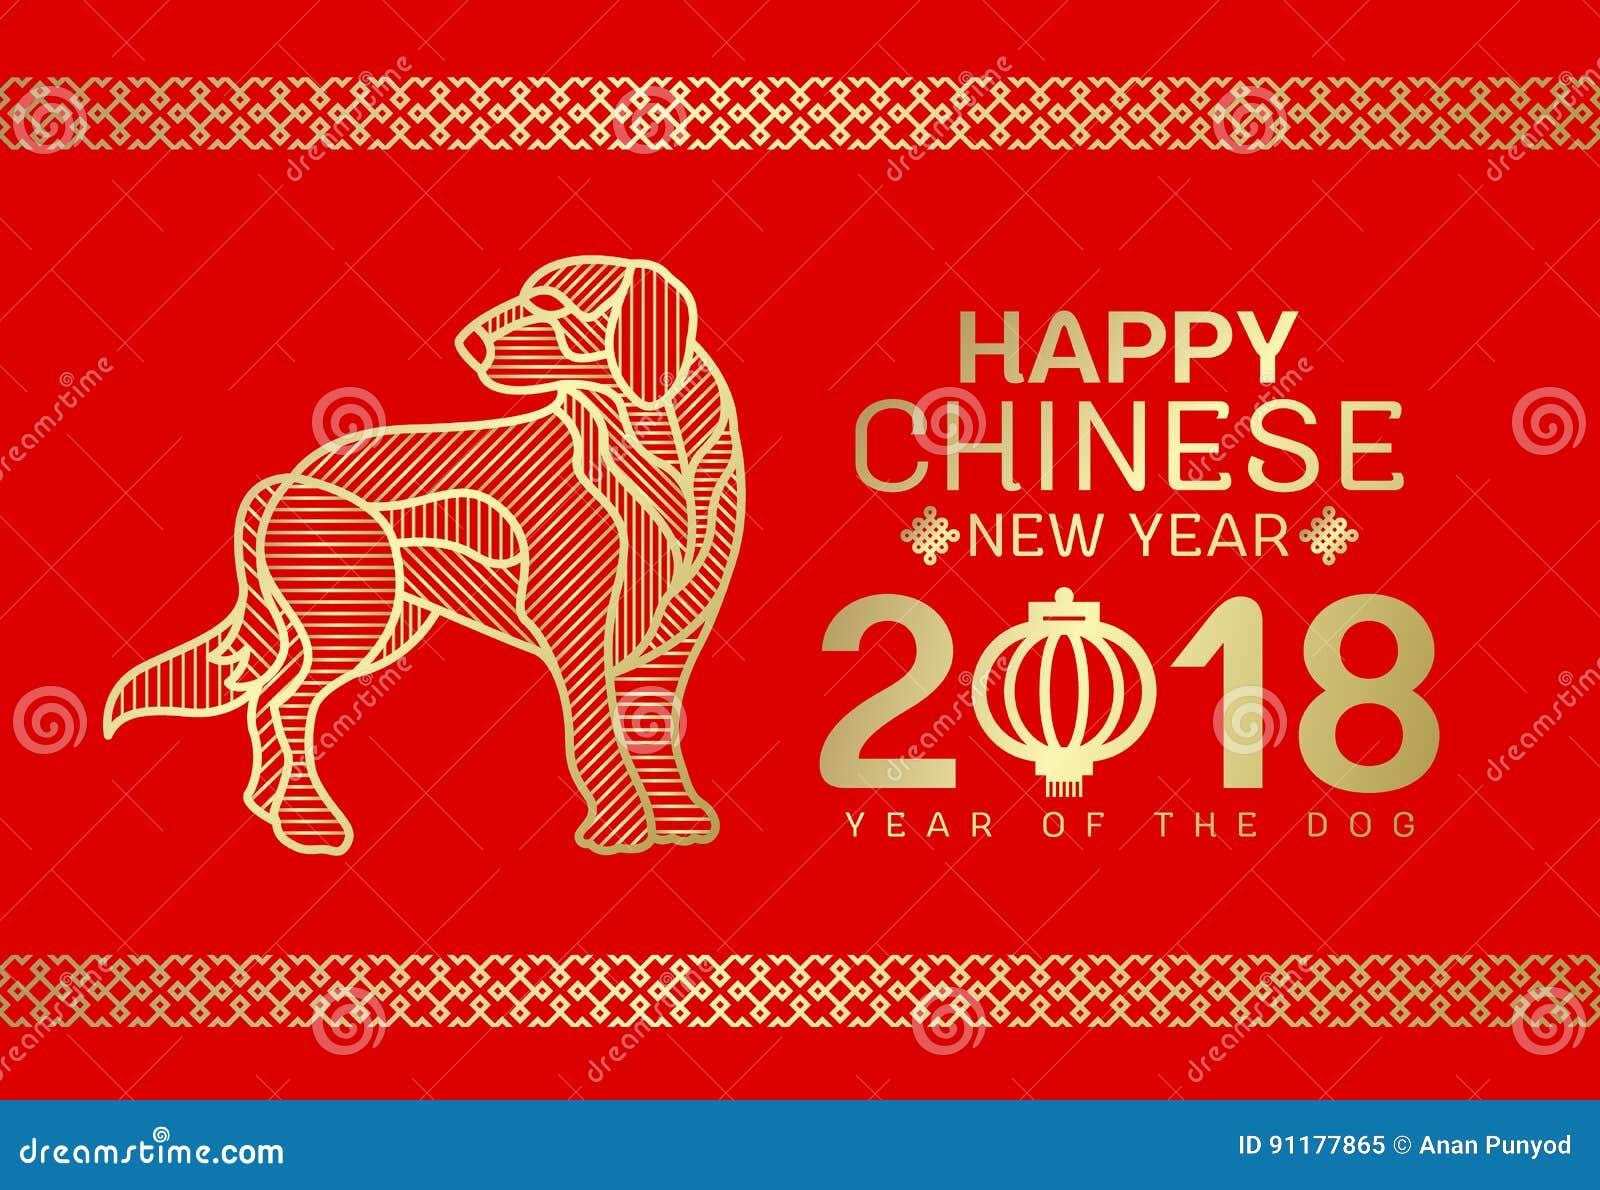 Glückliche chinesische Karte des neuen Jahres 2018 mit Goldhundelinie Streifenzusammenfassung auf rotem Hintergrundvektordesign